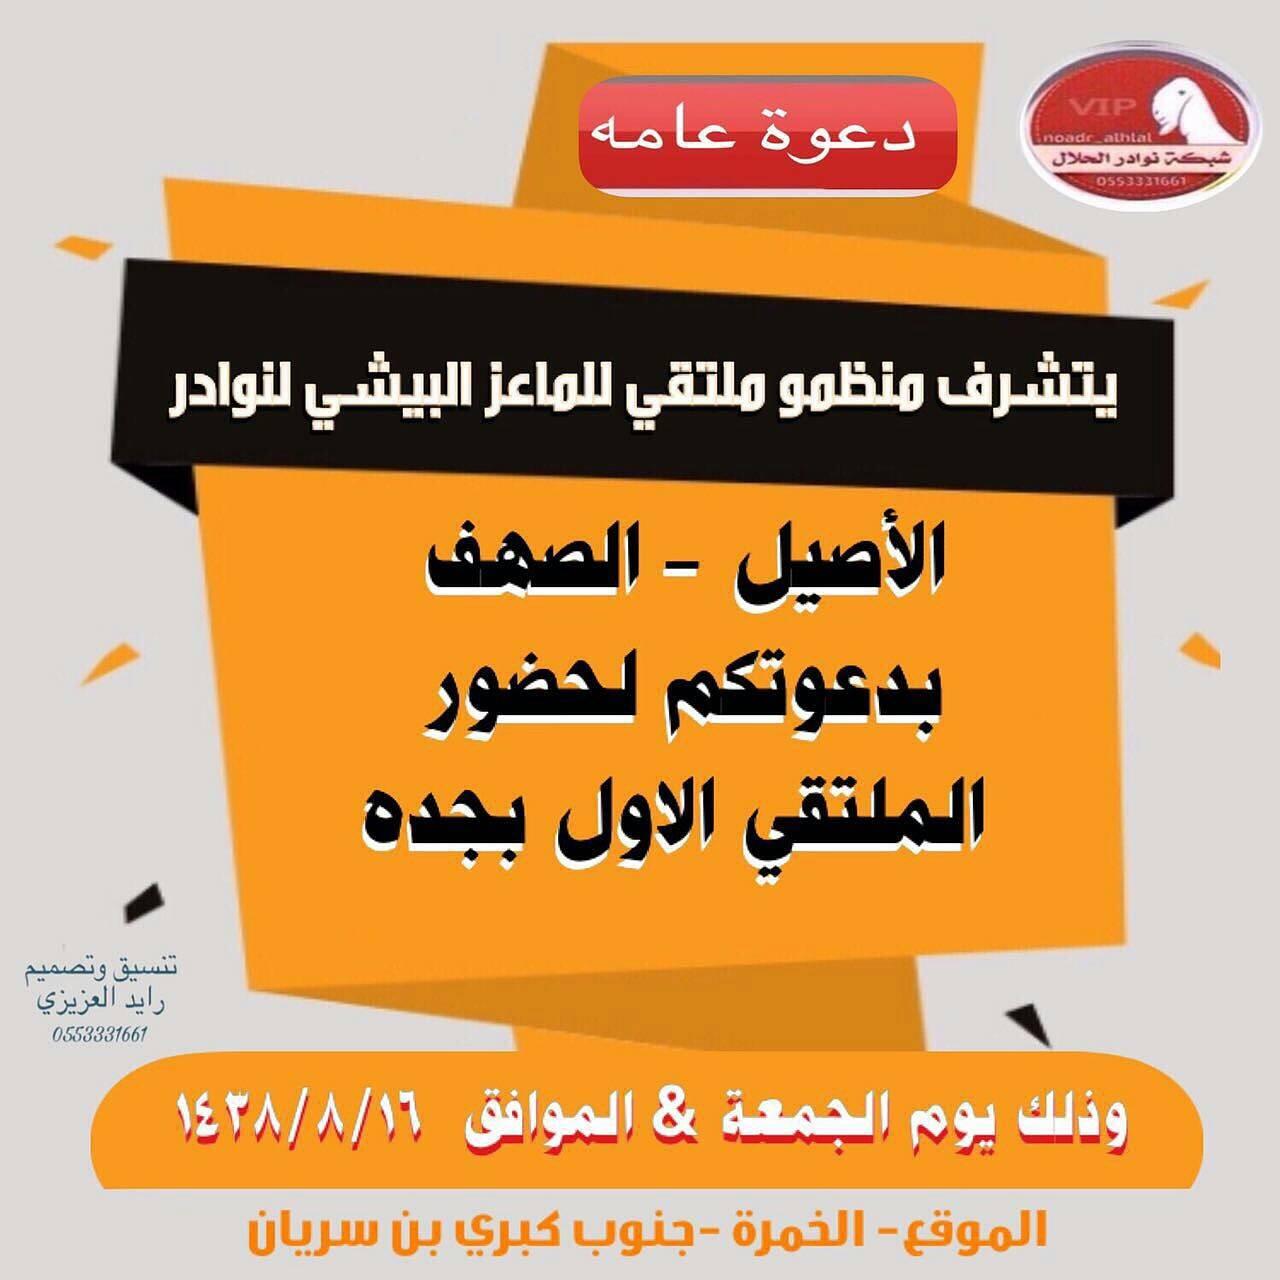 دعوة لحضور الملتقى الاول لنوادر d2873ec2ed6c972d2240612493529f71.jpg